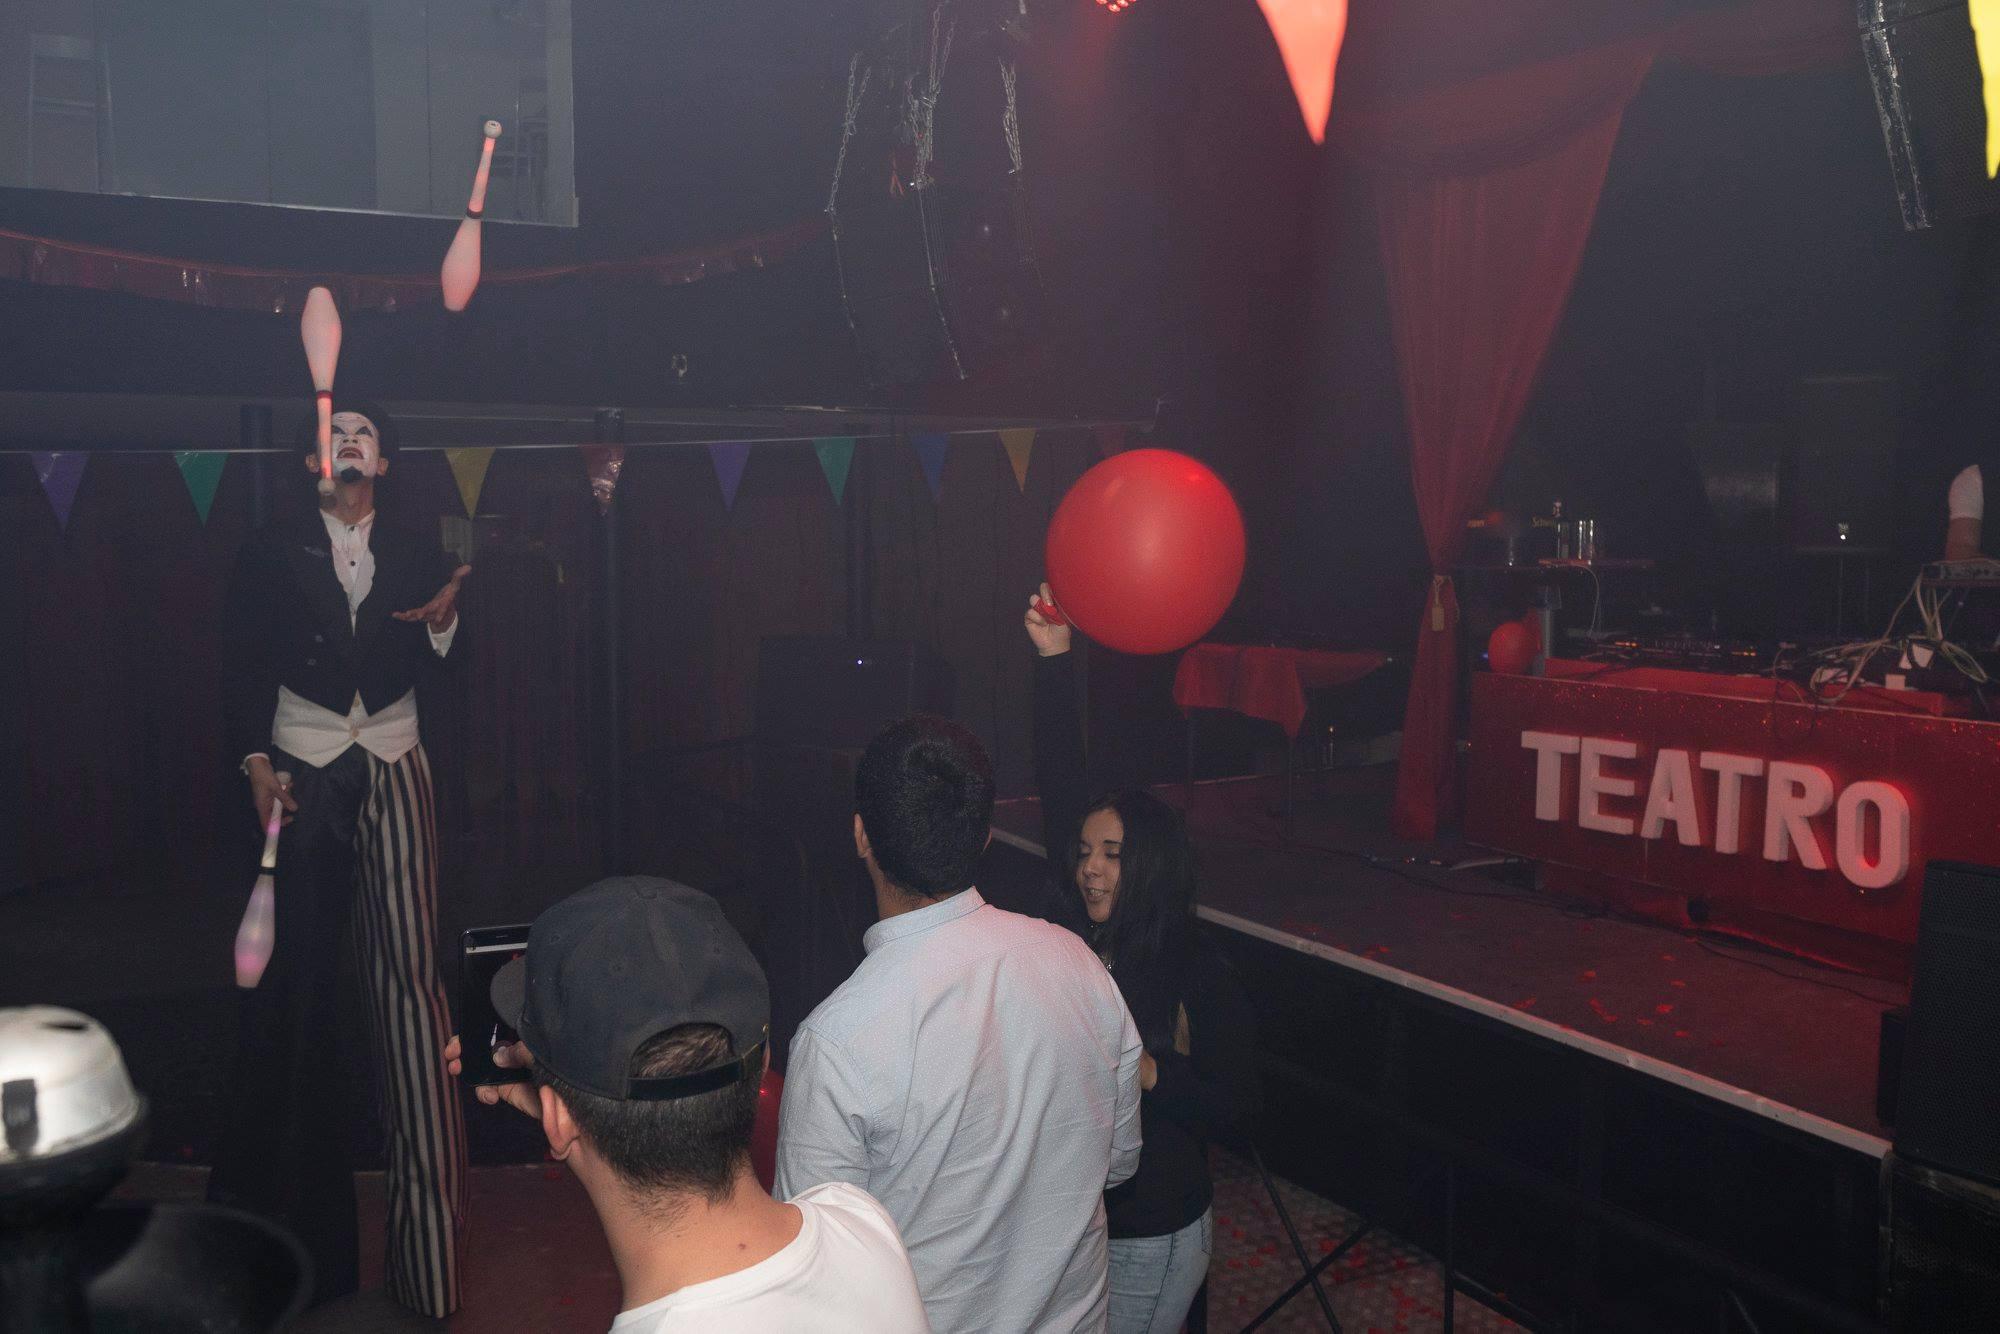 Fotogalería sesión opening 'Teatre le cirque du freak' 106